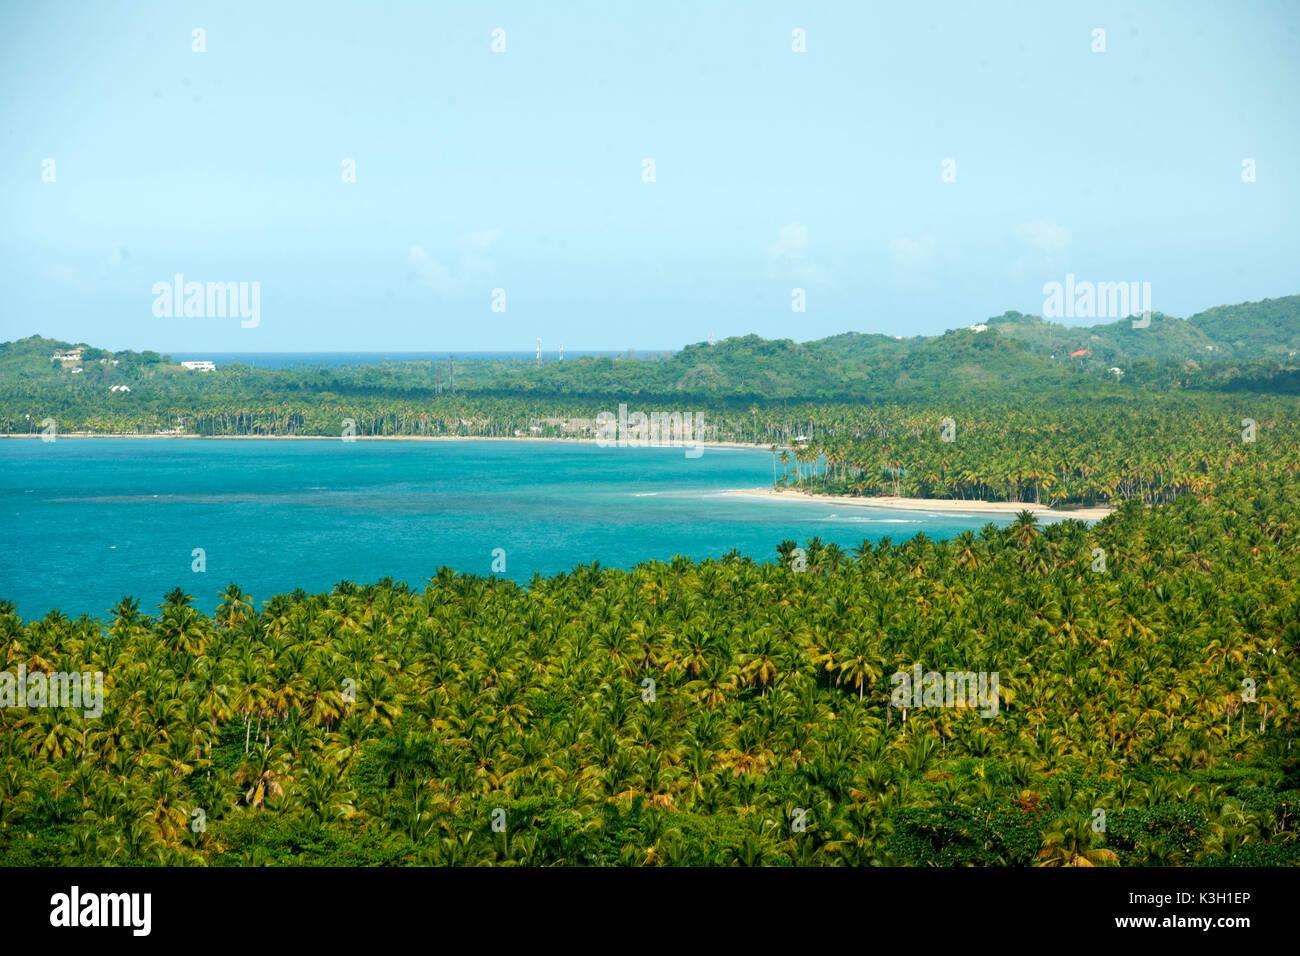 Die Dominikanische Republik, Halbinsel Samana, Las Terrenas, Blick auf den Aussichtspunkt am Boulevard Turistico del Atlantico an der Nordküste in der Nähe von Las Terrenas Stockbild